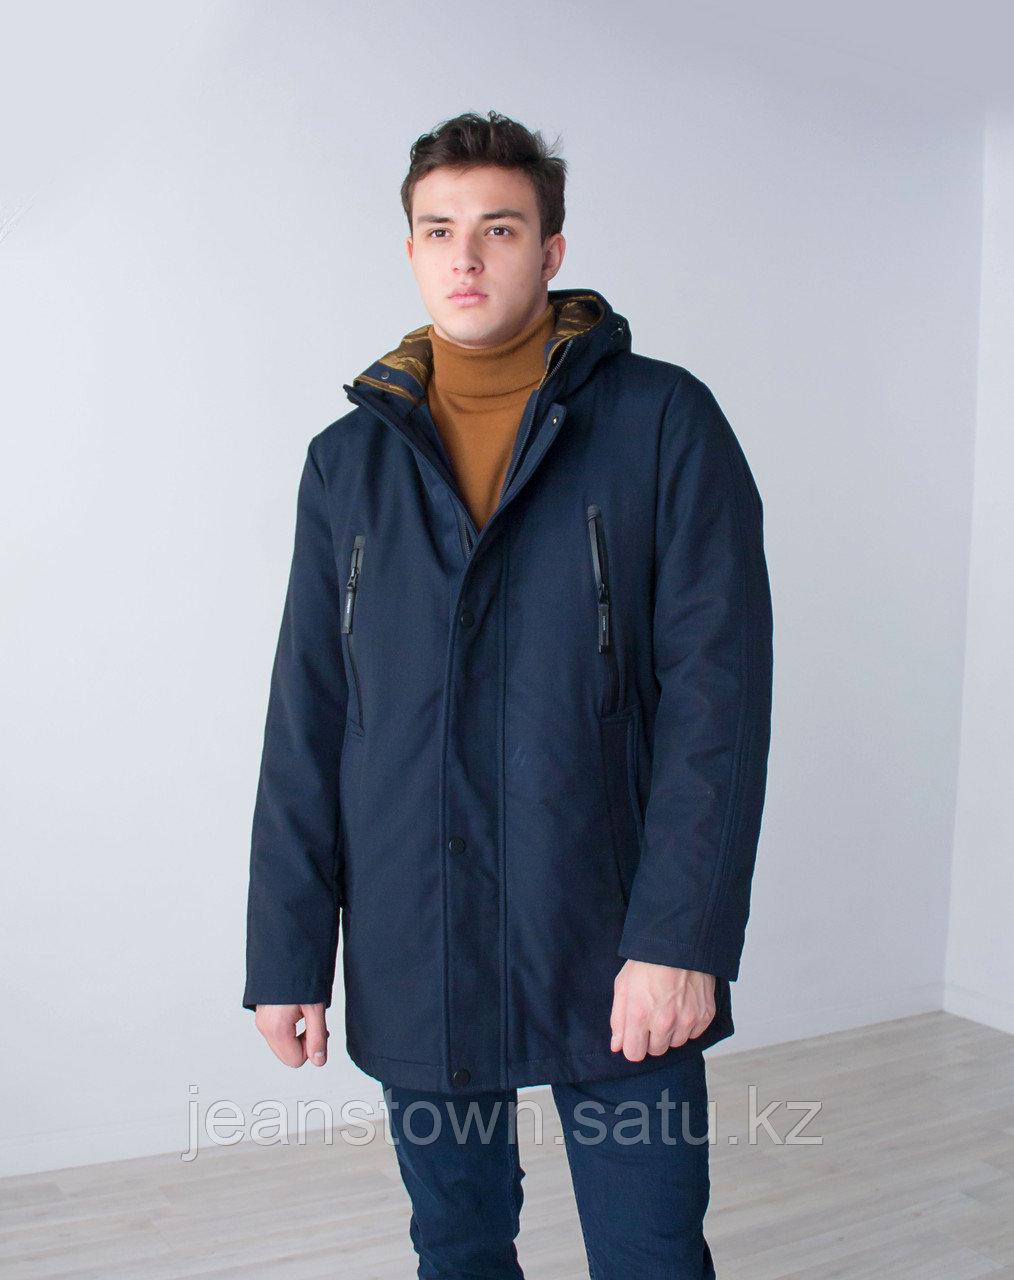 Куртка мужская зимняя City Class длинная,на подстежке - фото 3